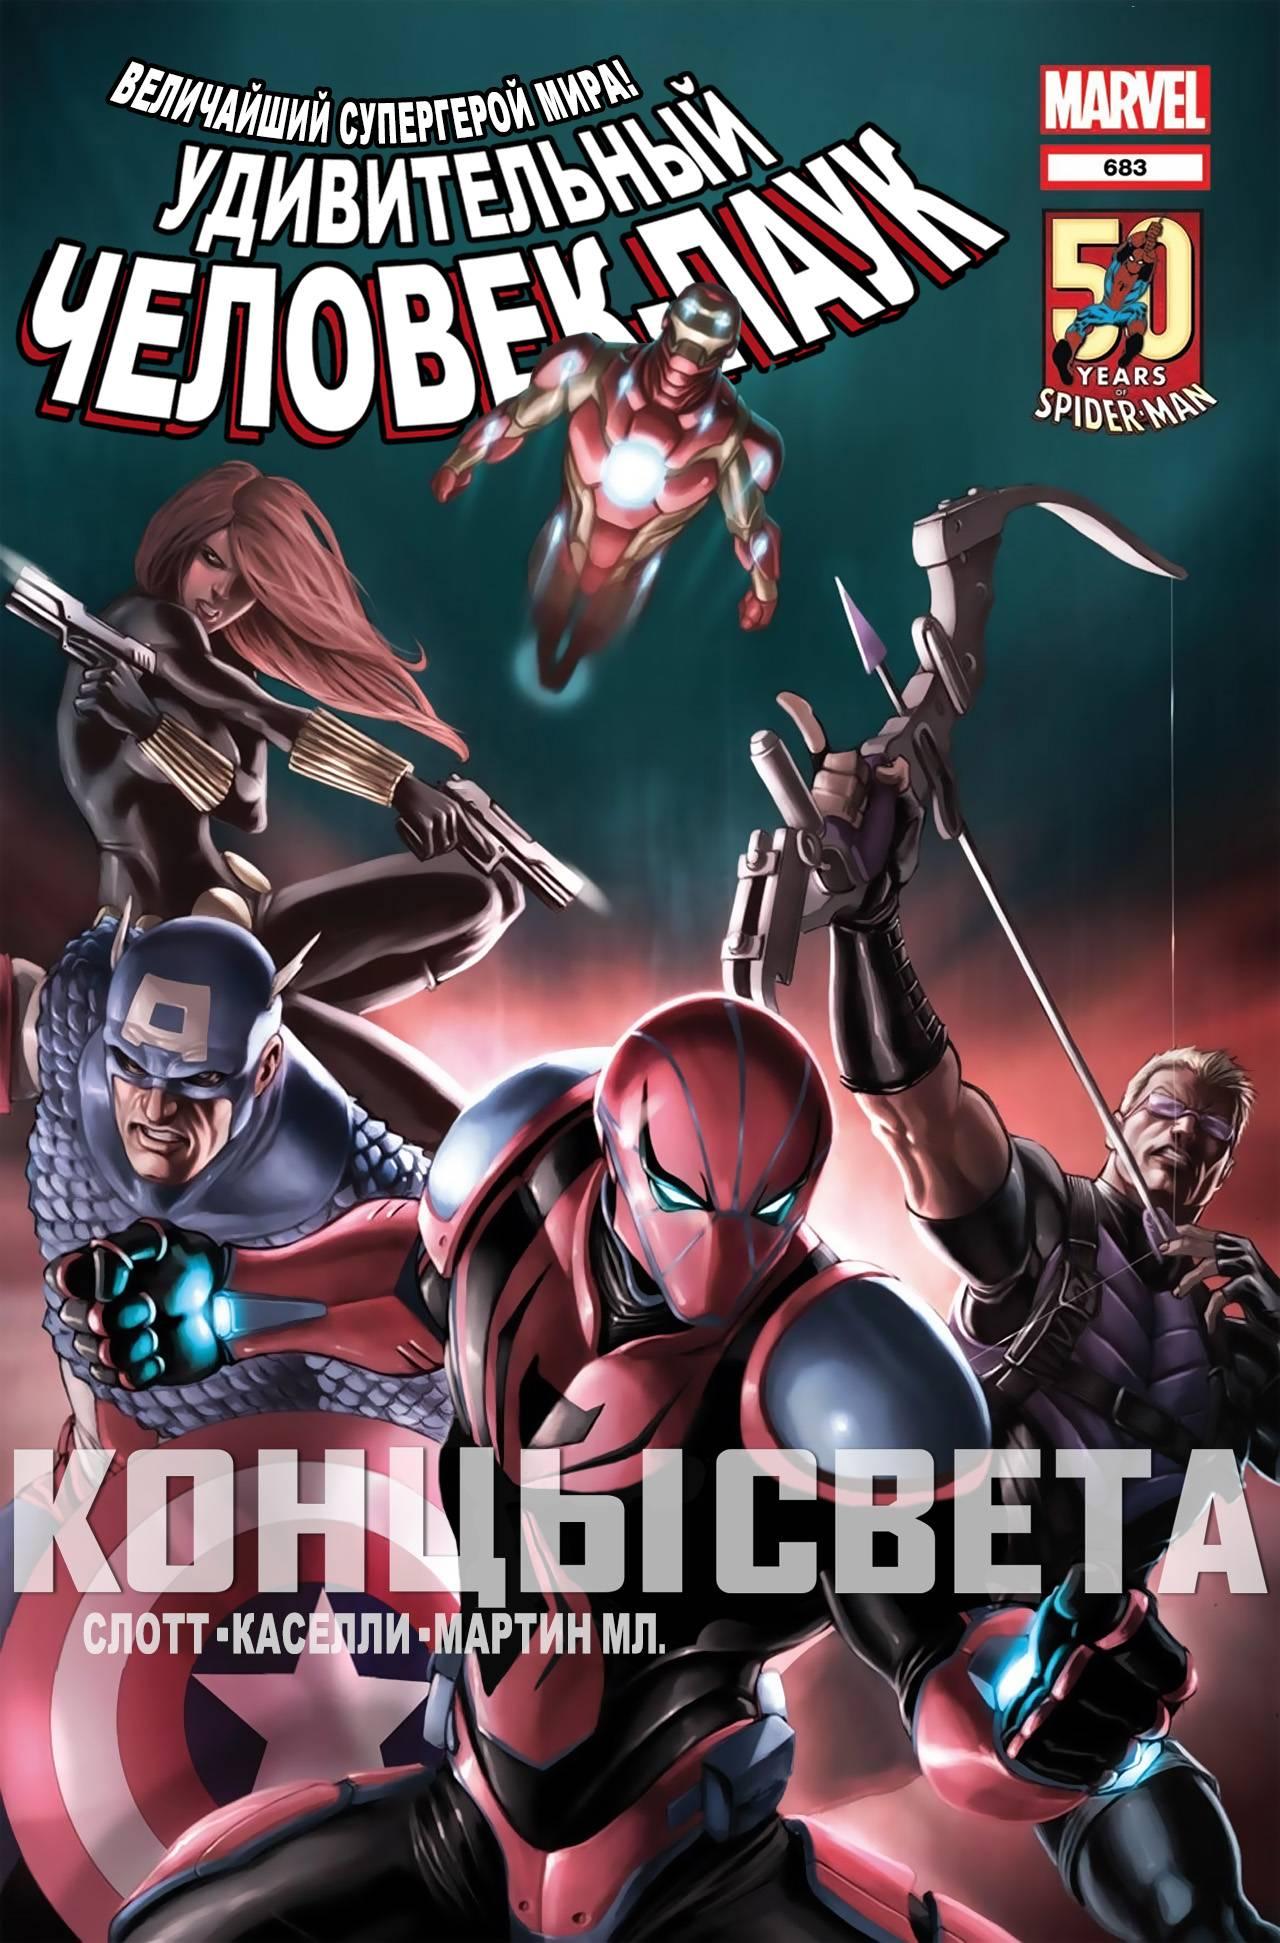 Удивительный Человек-паук №683 онлайн